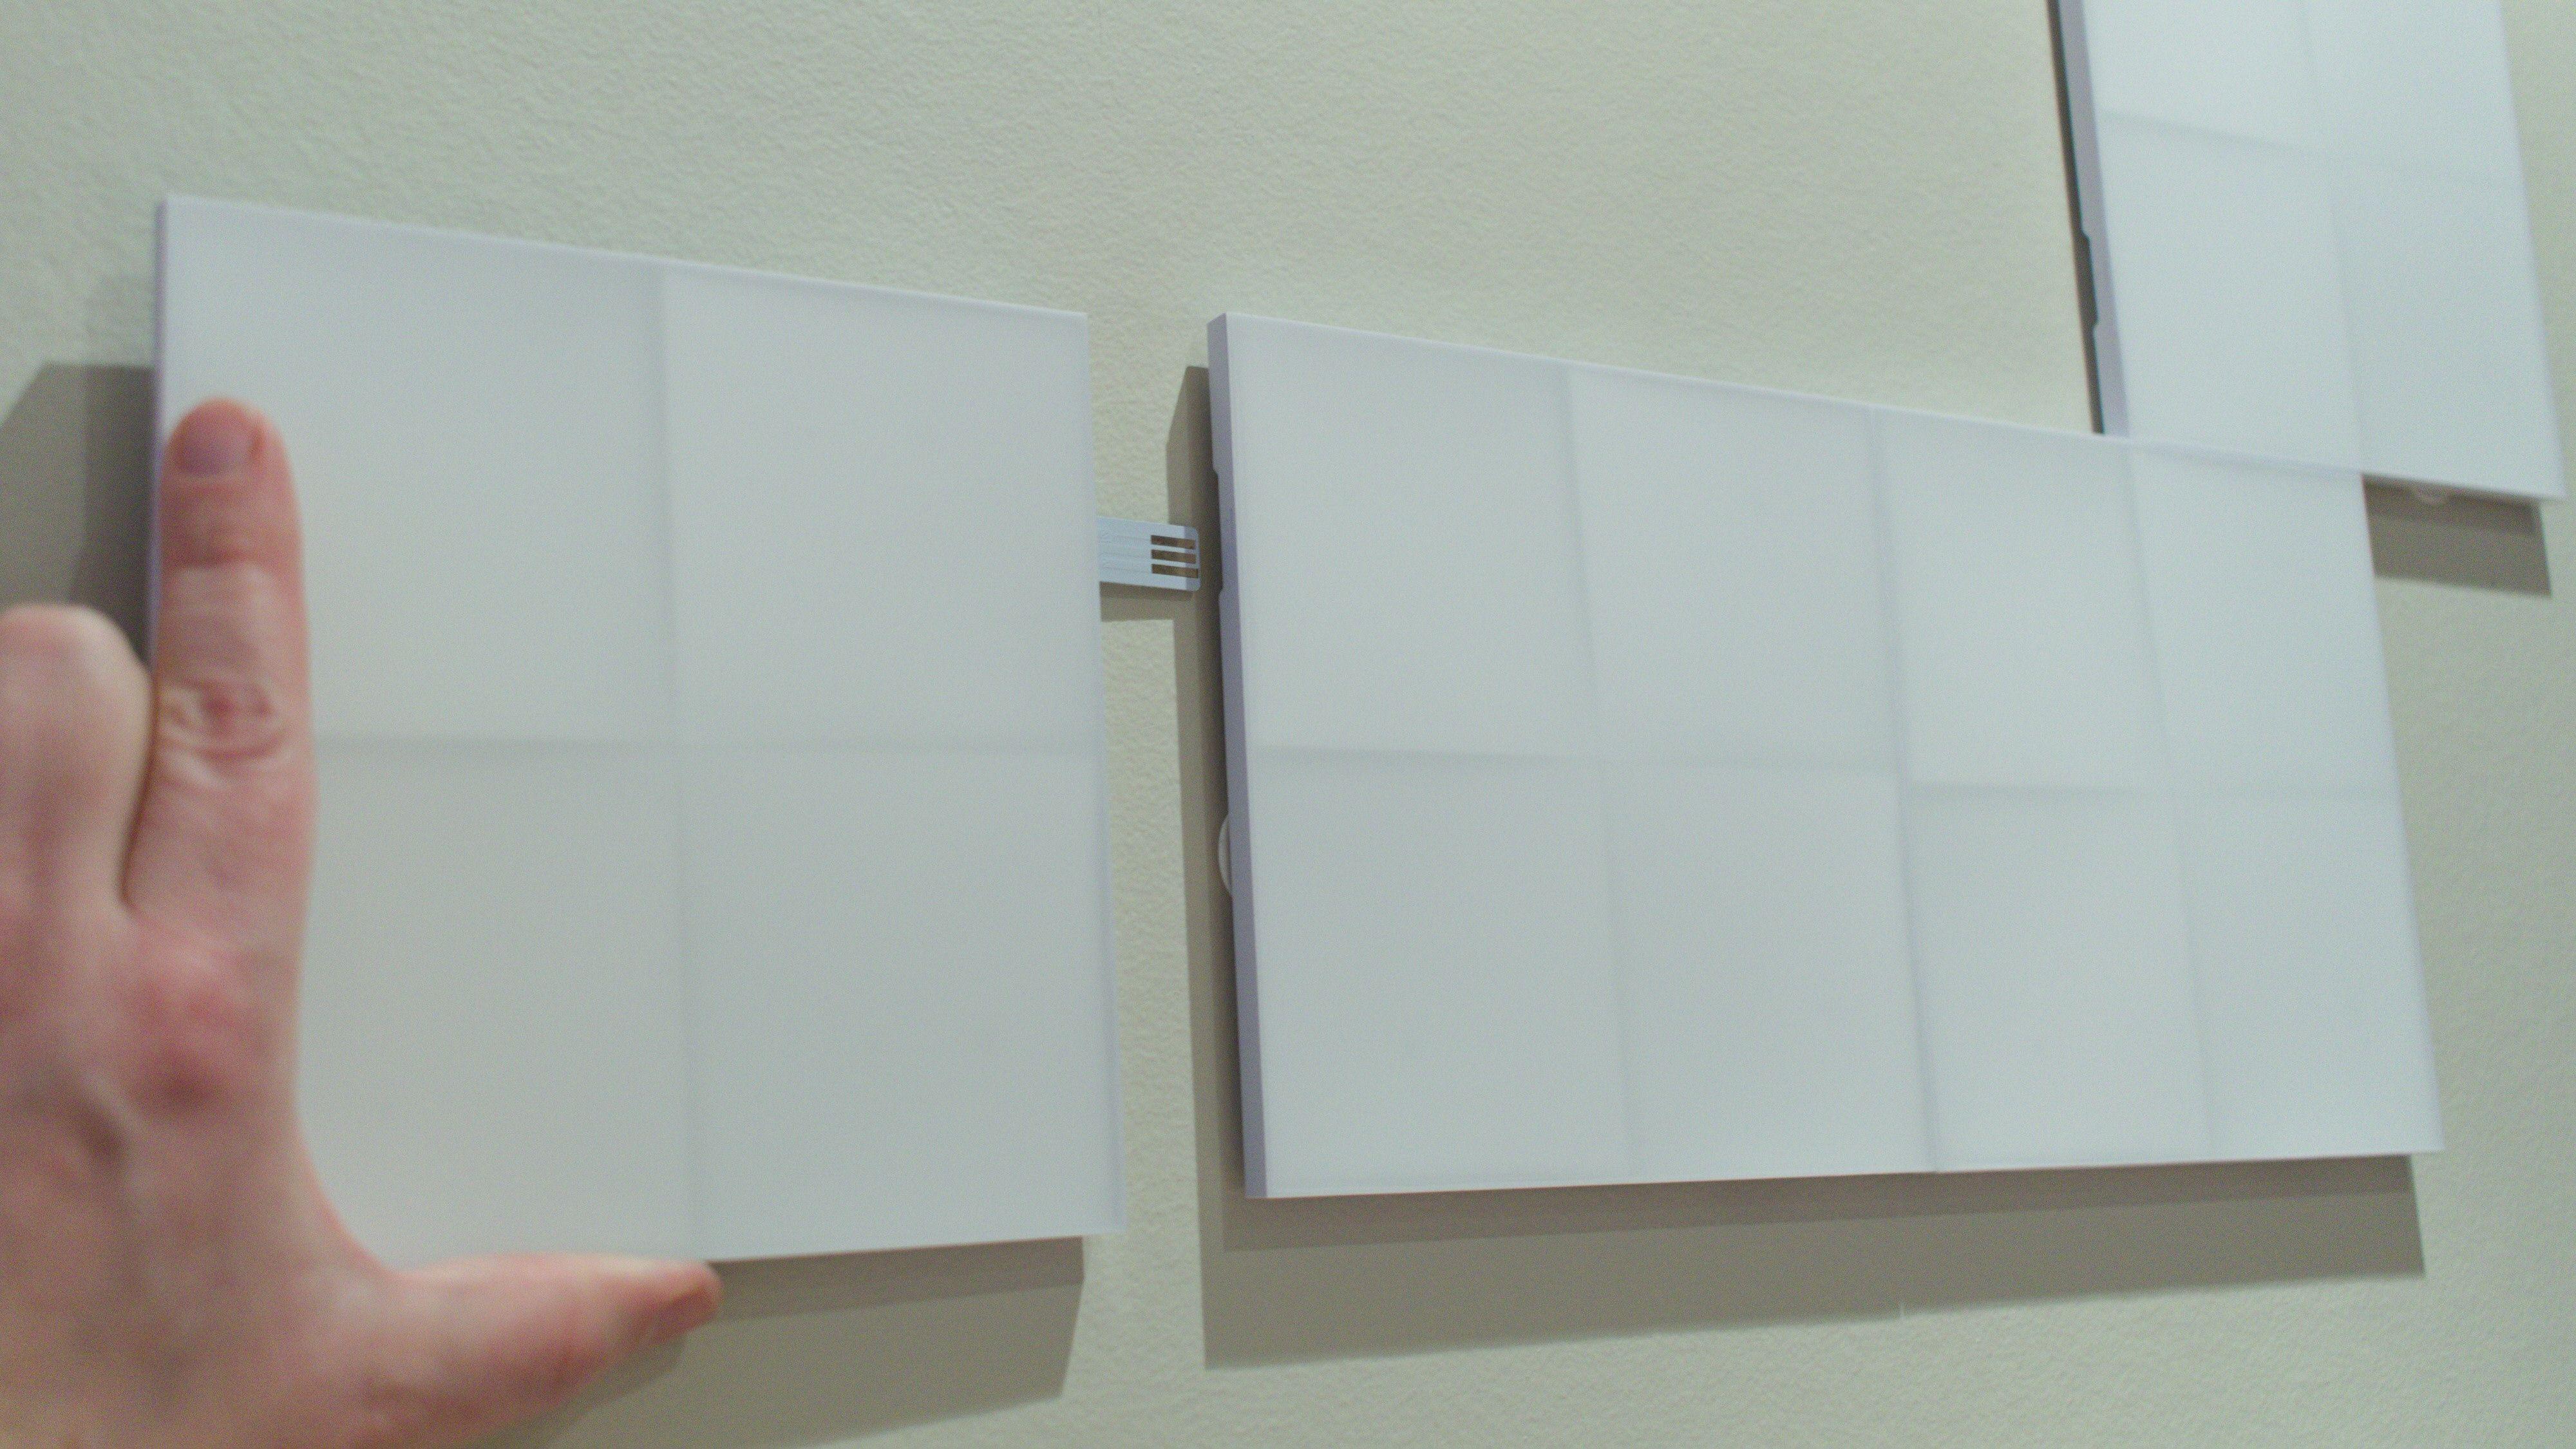 God planlegging lønner seg før du begynner å klistre opp panelene.